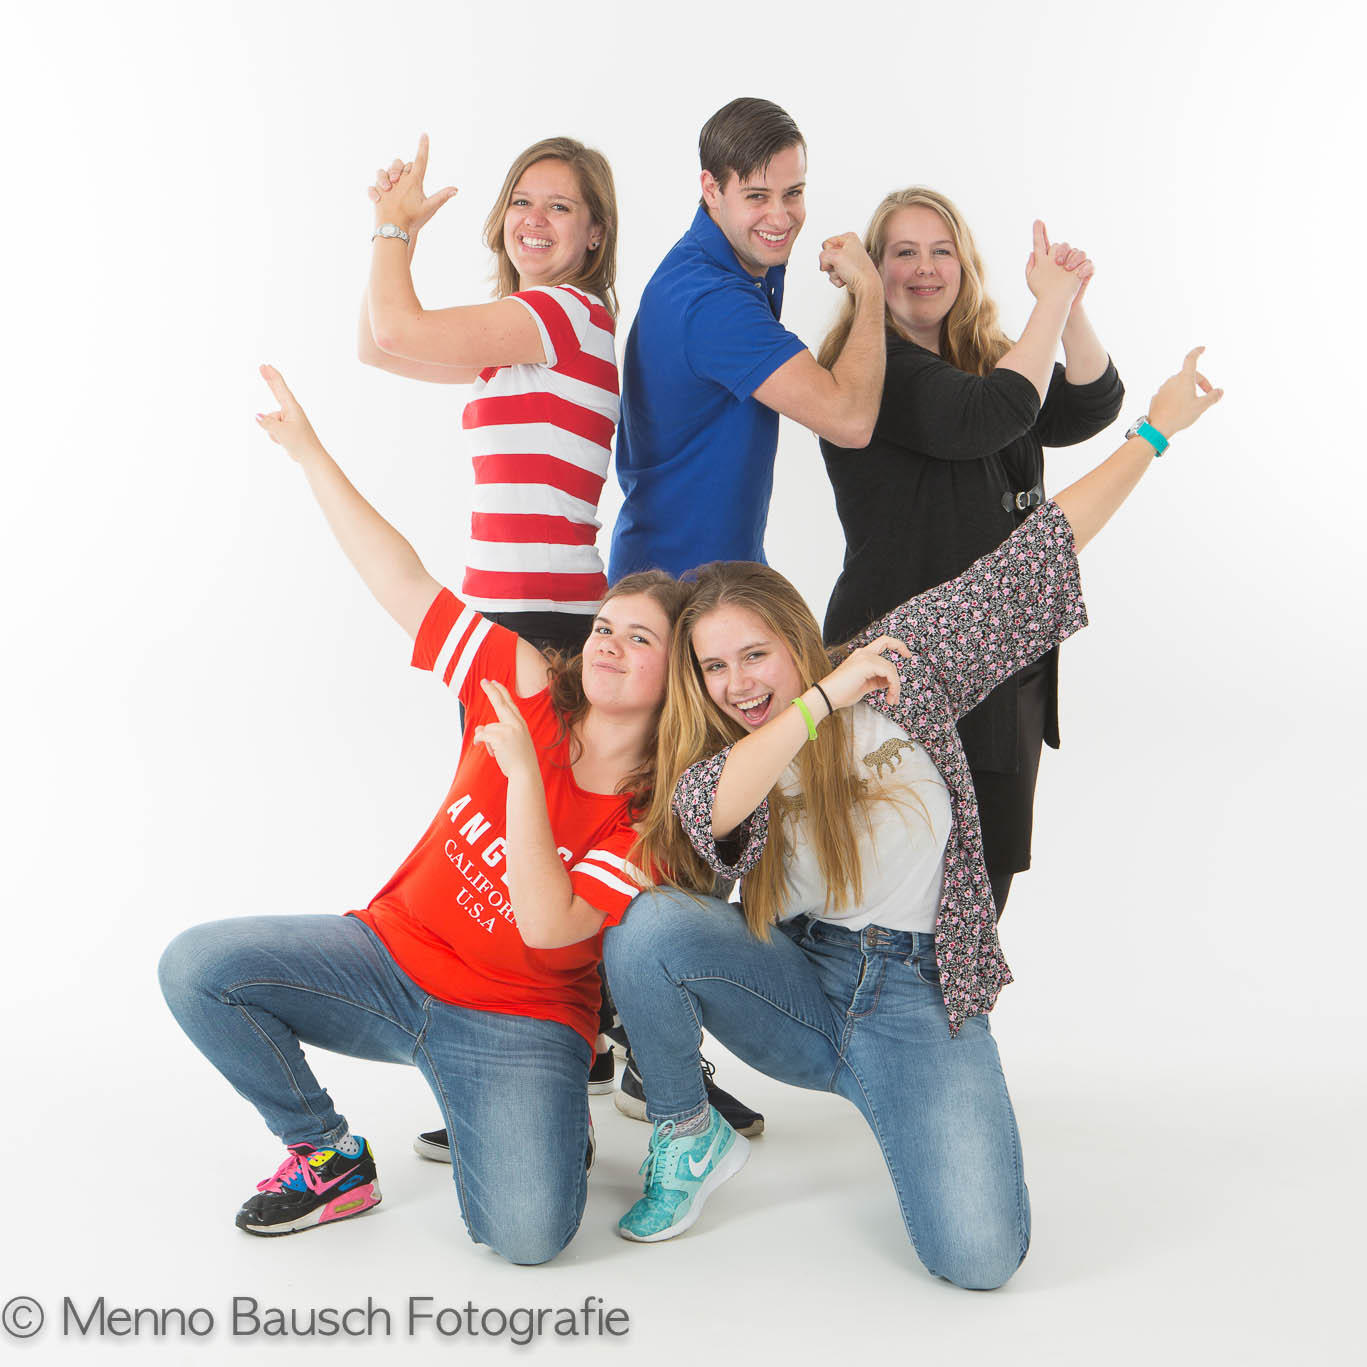 Menno Bausch Fotografie80